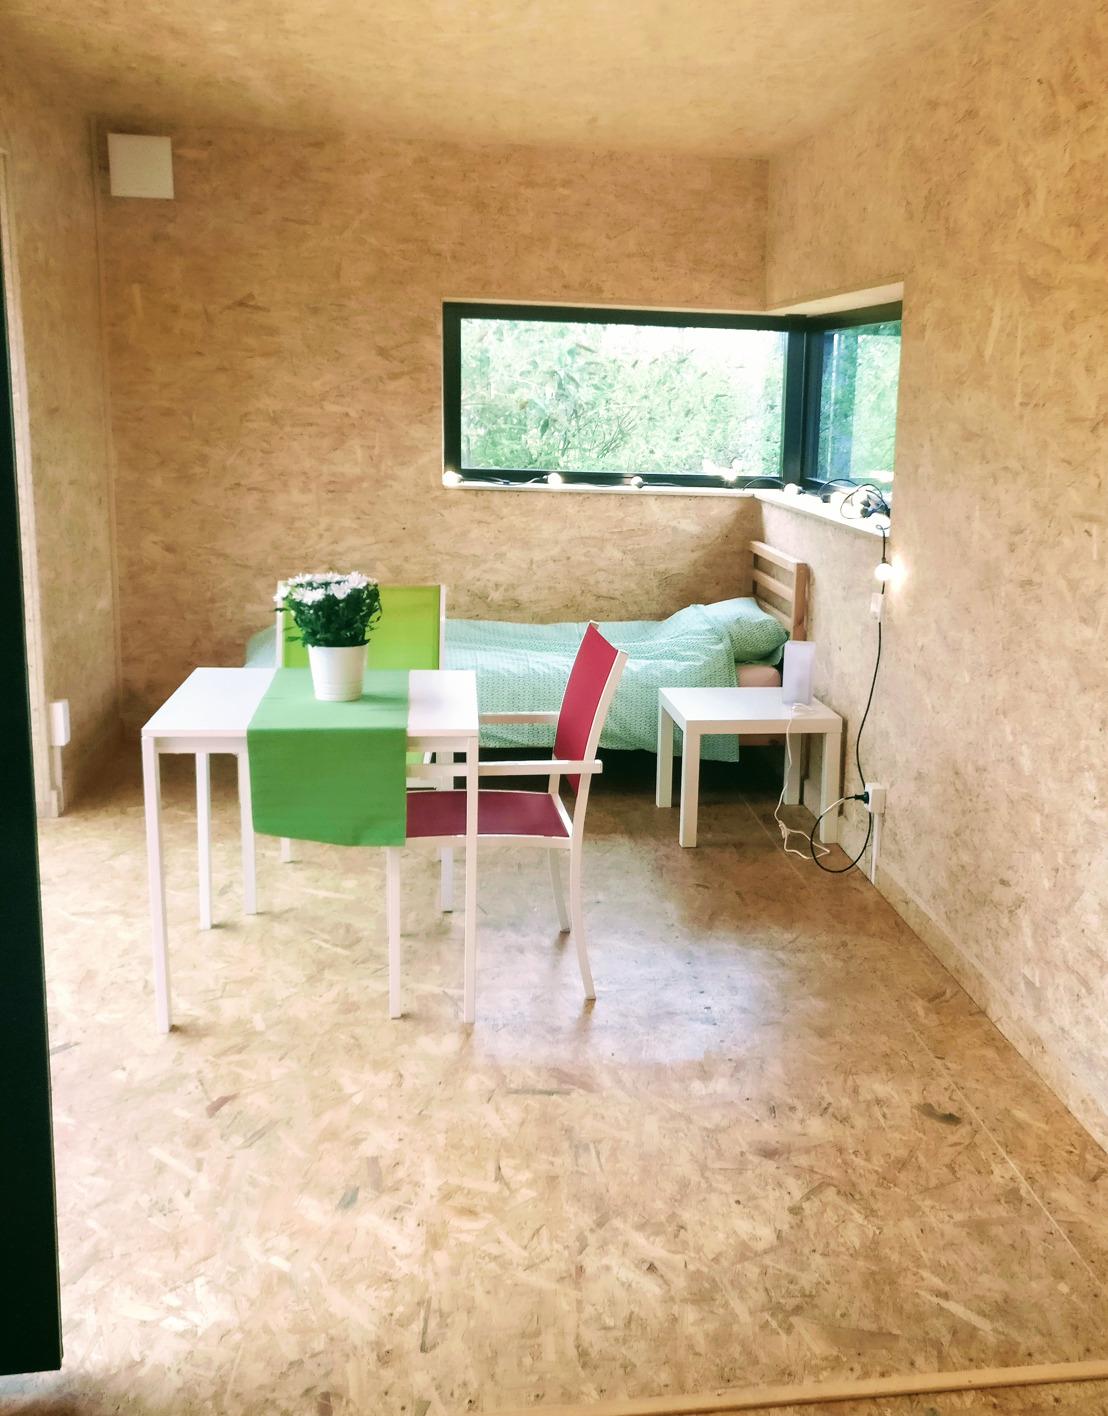 Communiqué de presse - Loger les personnes sans-abri dans des habitats modulaires en valorisant les friches urbaines